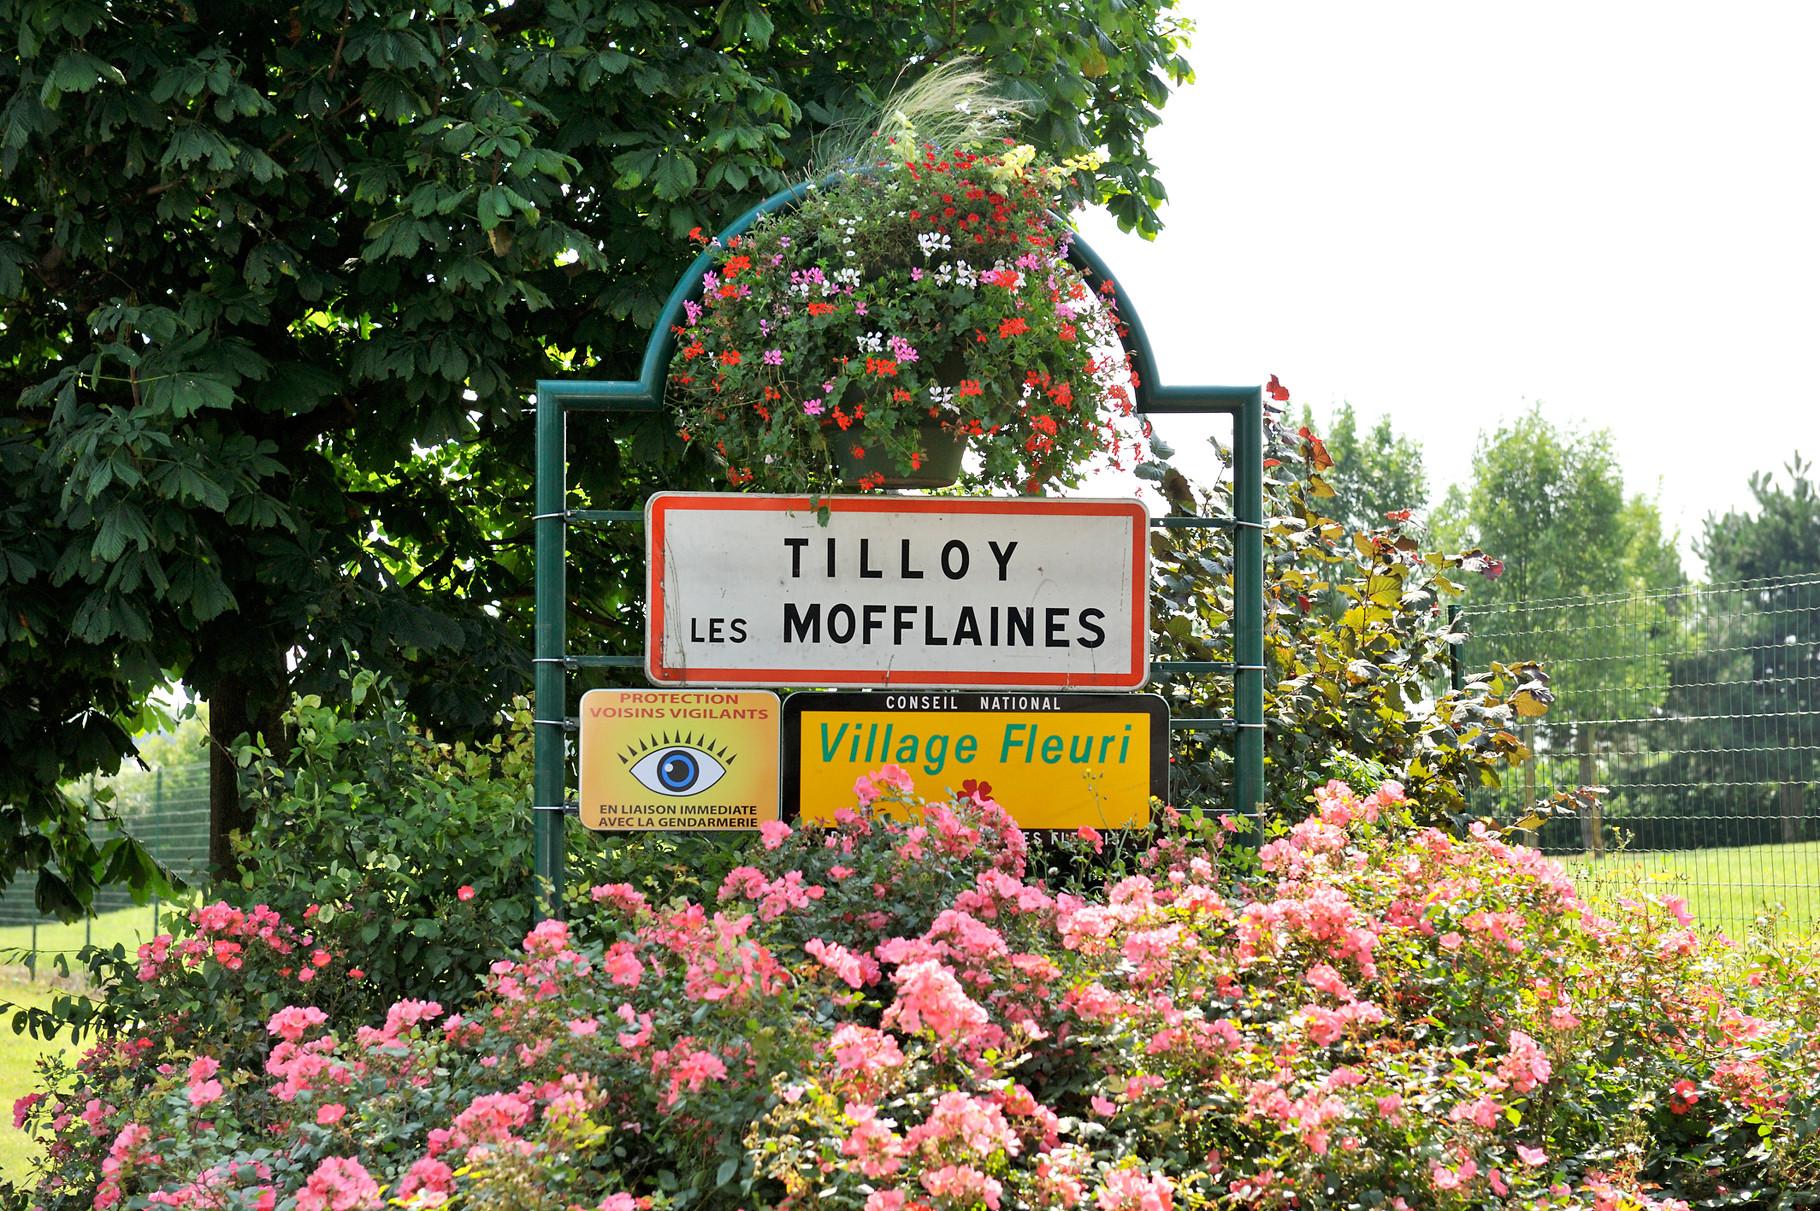 Panneau « Villes et Villages Fleuris » de Tilloy-Les-Mofflaines, village « 1 Fleur » par Richard Soberka